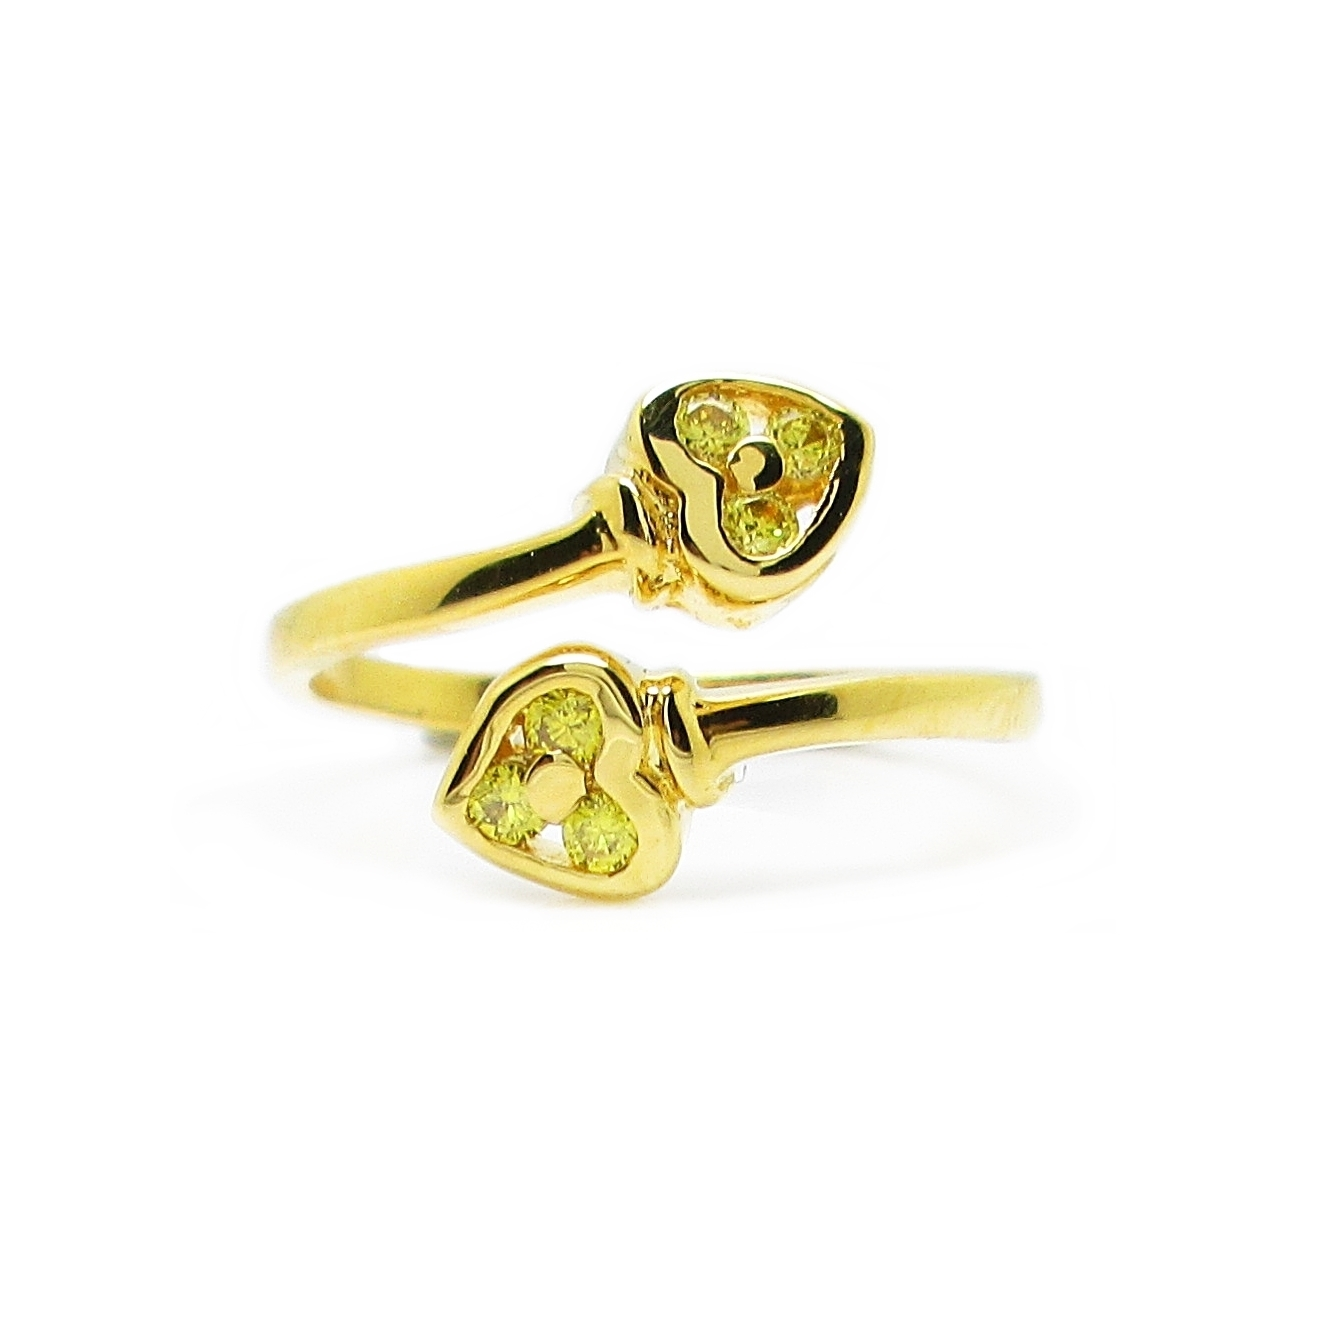 แหวนฟรีไซส์หัวใจประดับพลอยบุศราคัมชุบทอง